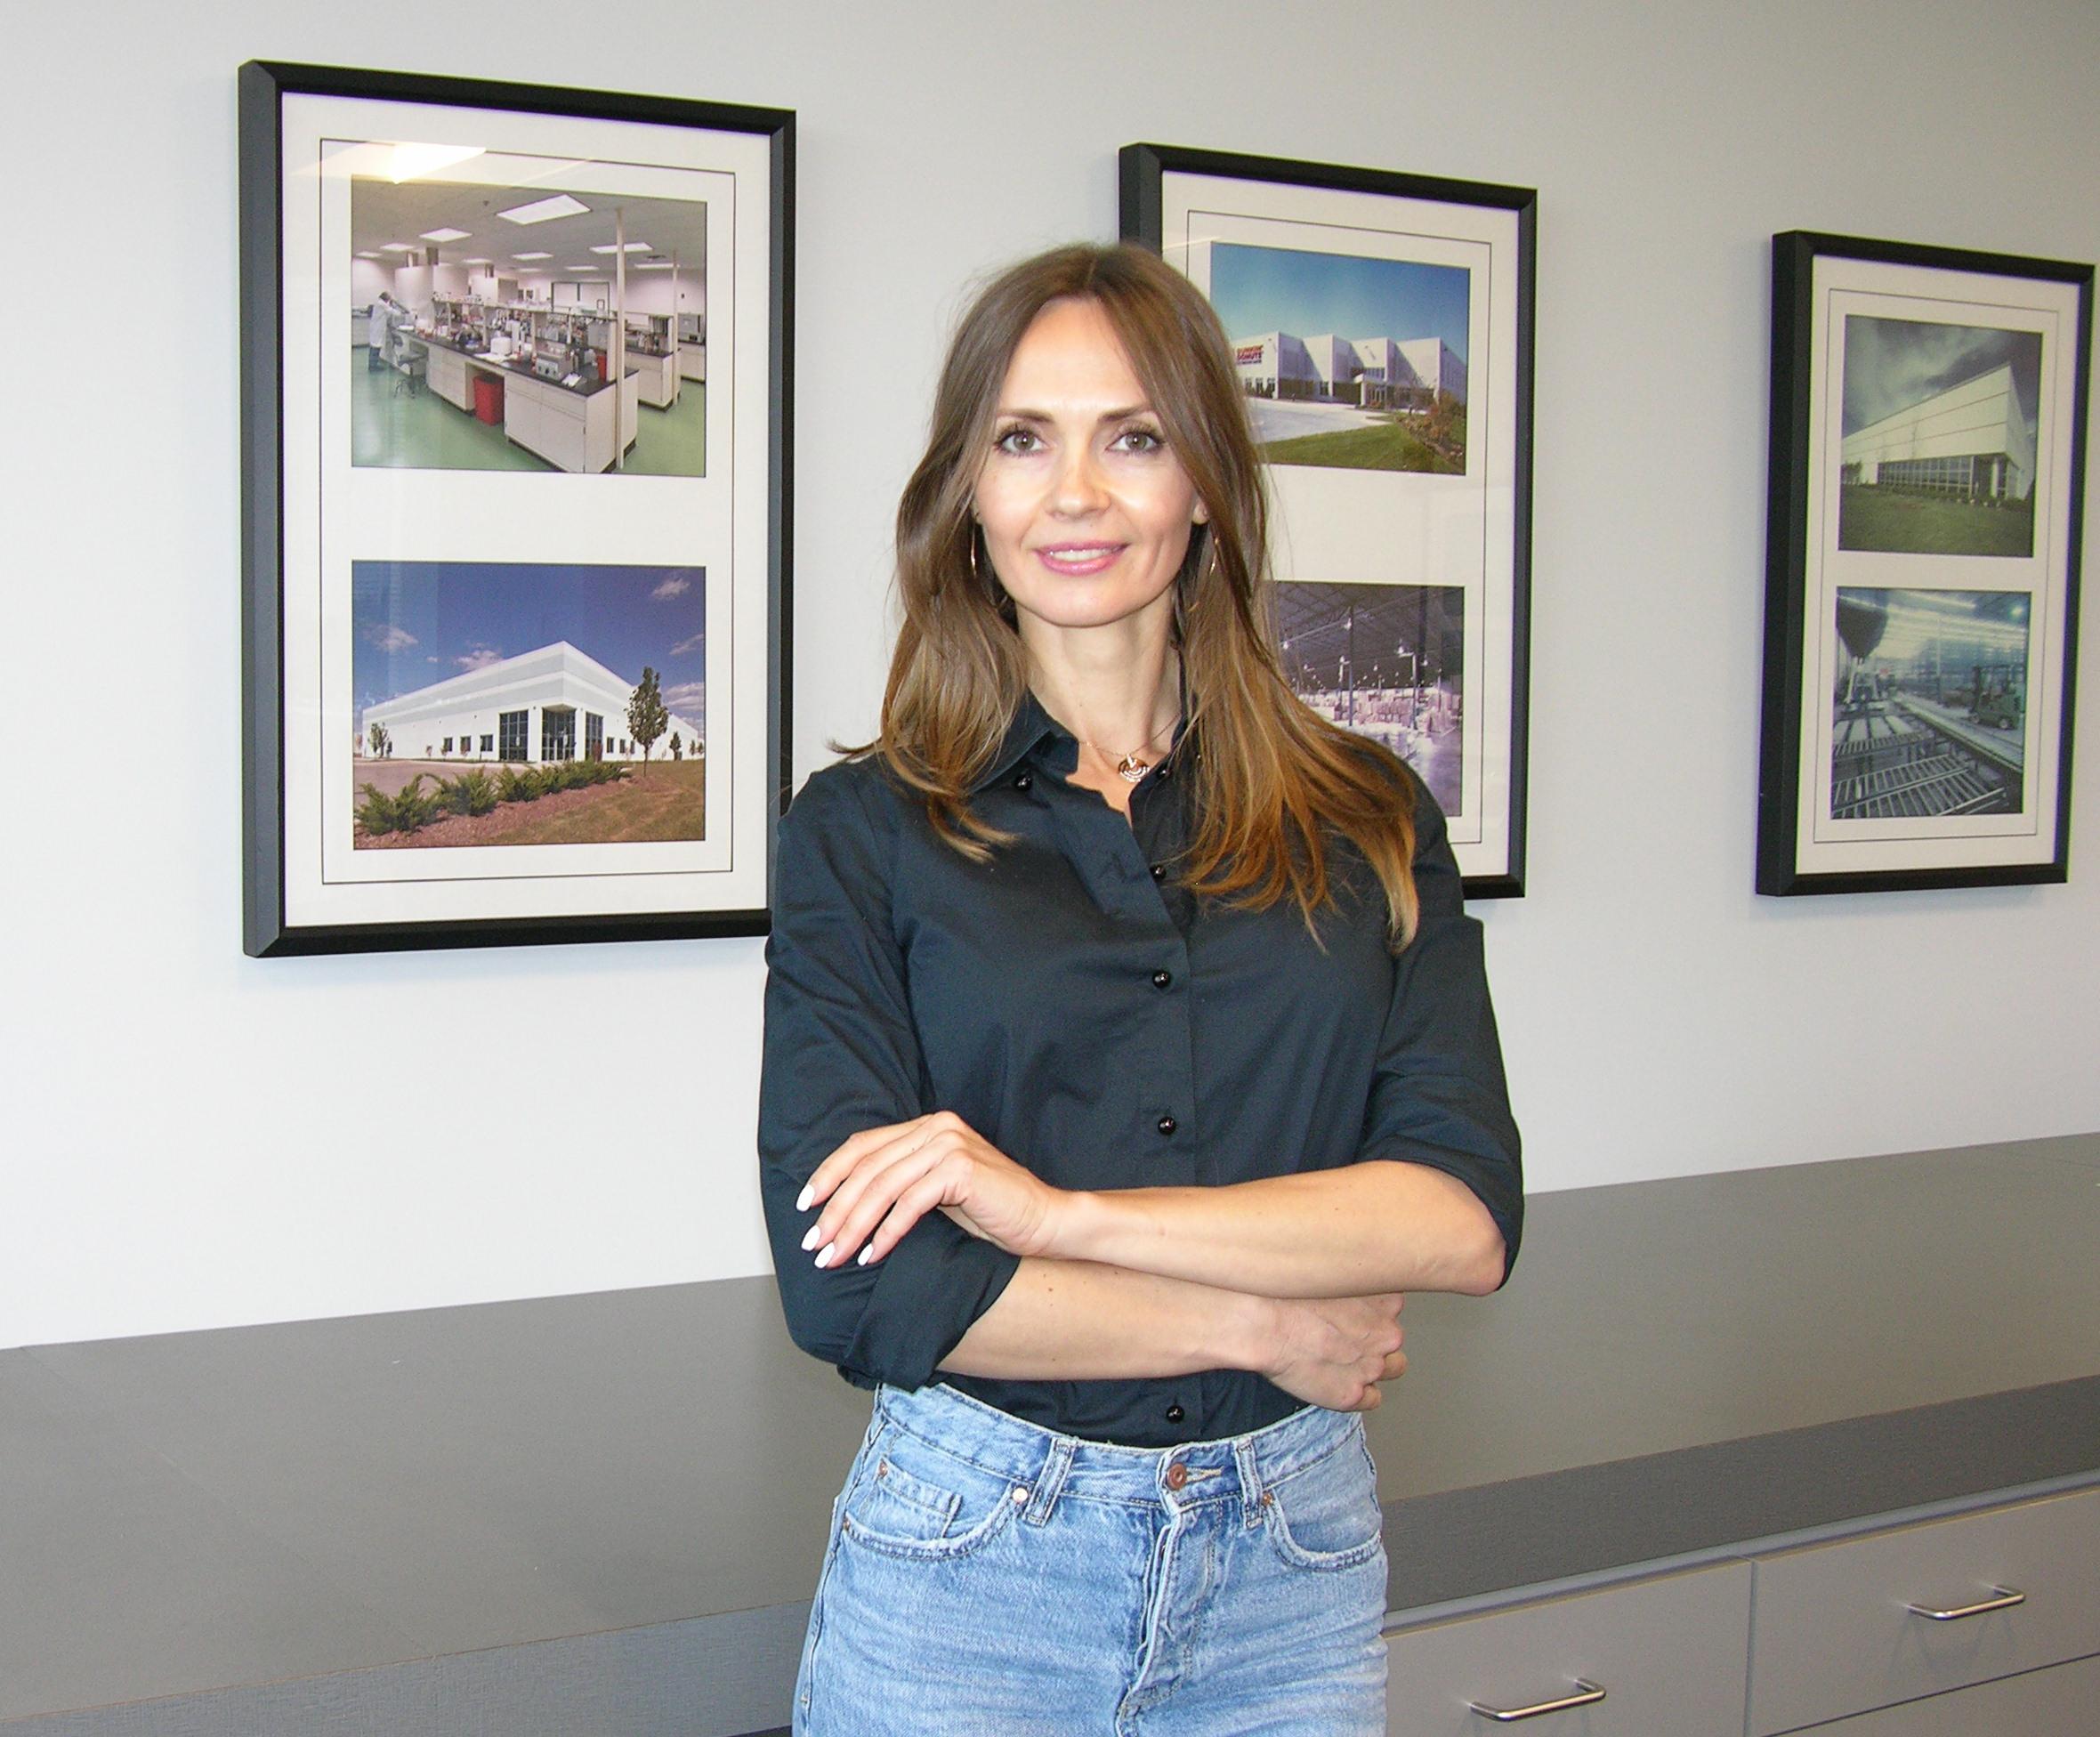 Alena Zavaichynskaya, Administrative Assistant